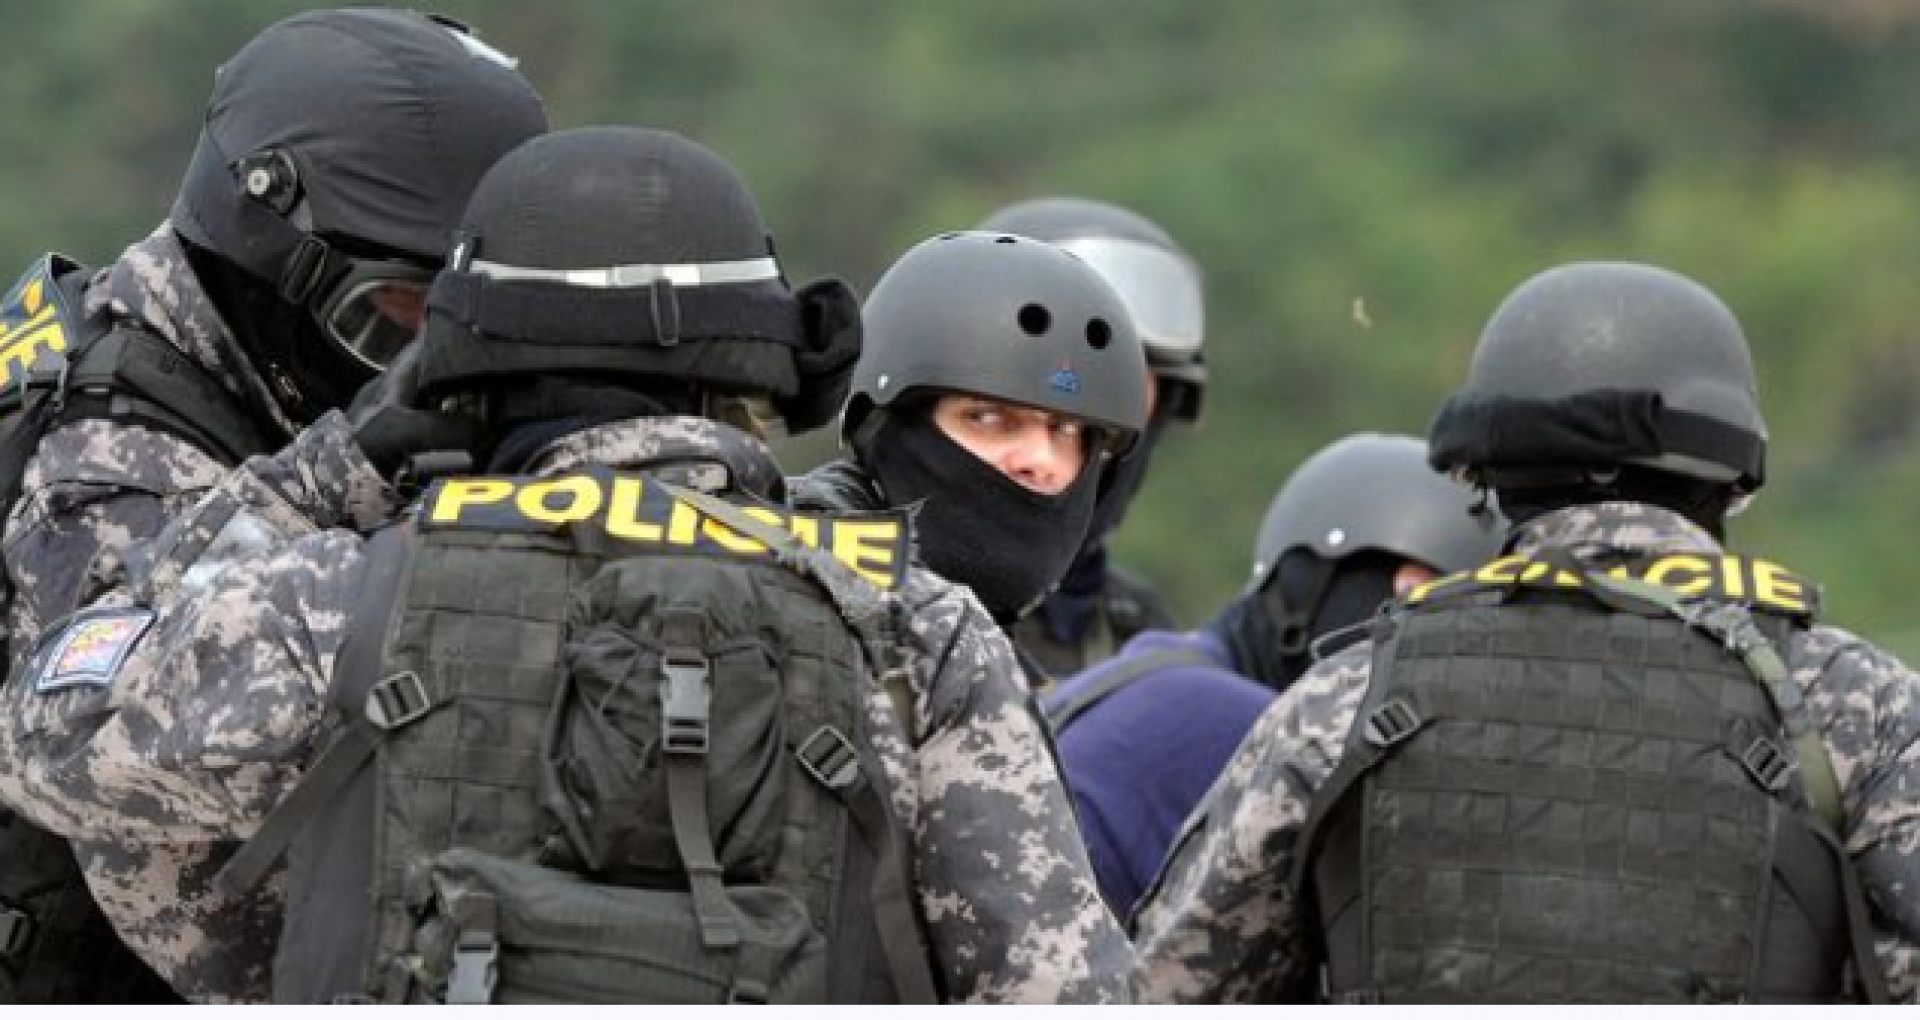 În Republica Cehă, în urma unei operațiuni speciale, au fost reținuți mai mulți suspecți de implicare în luptele împotriva Ucrainei